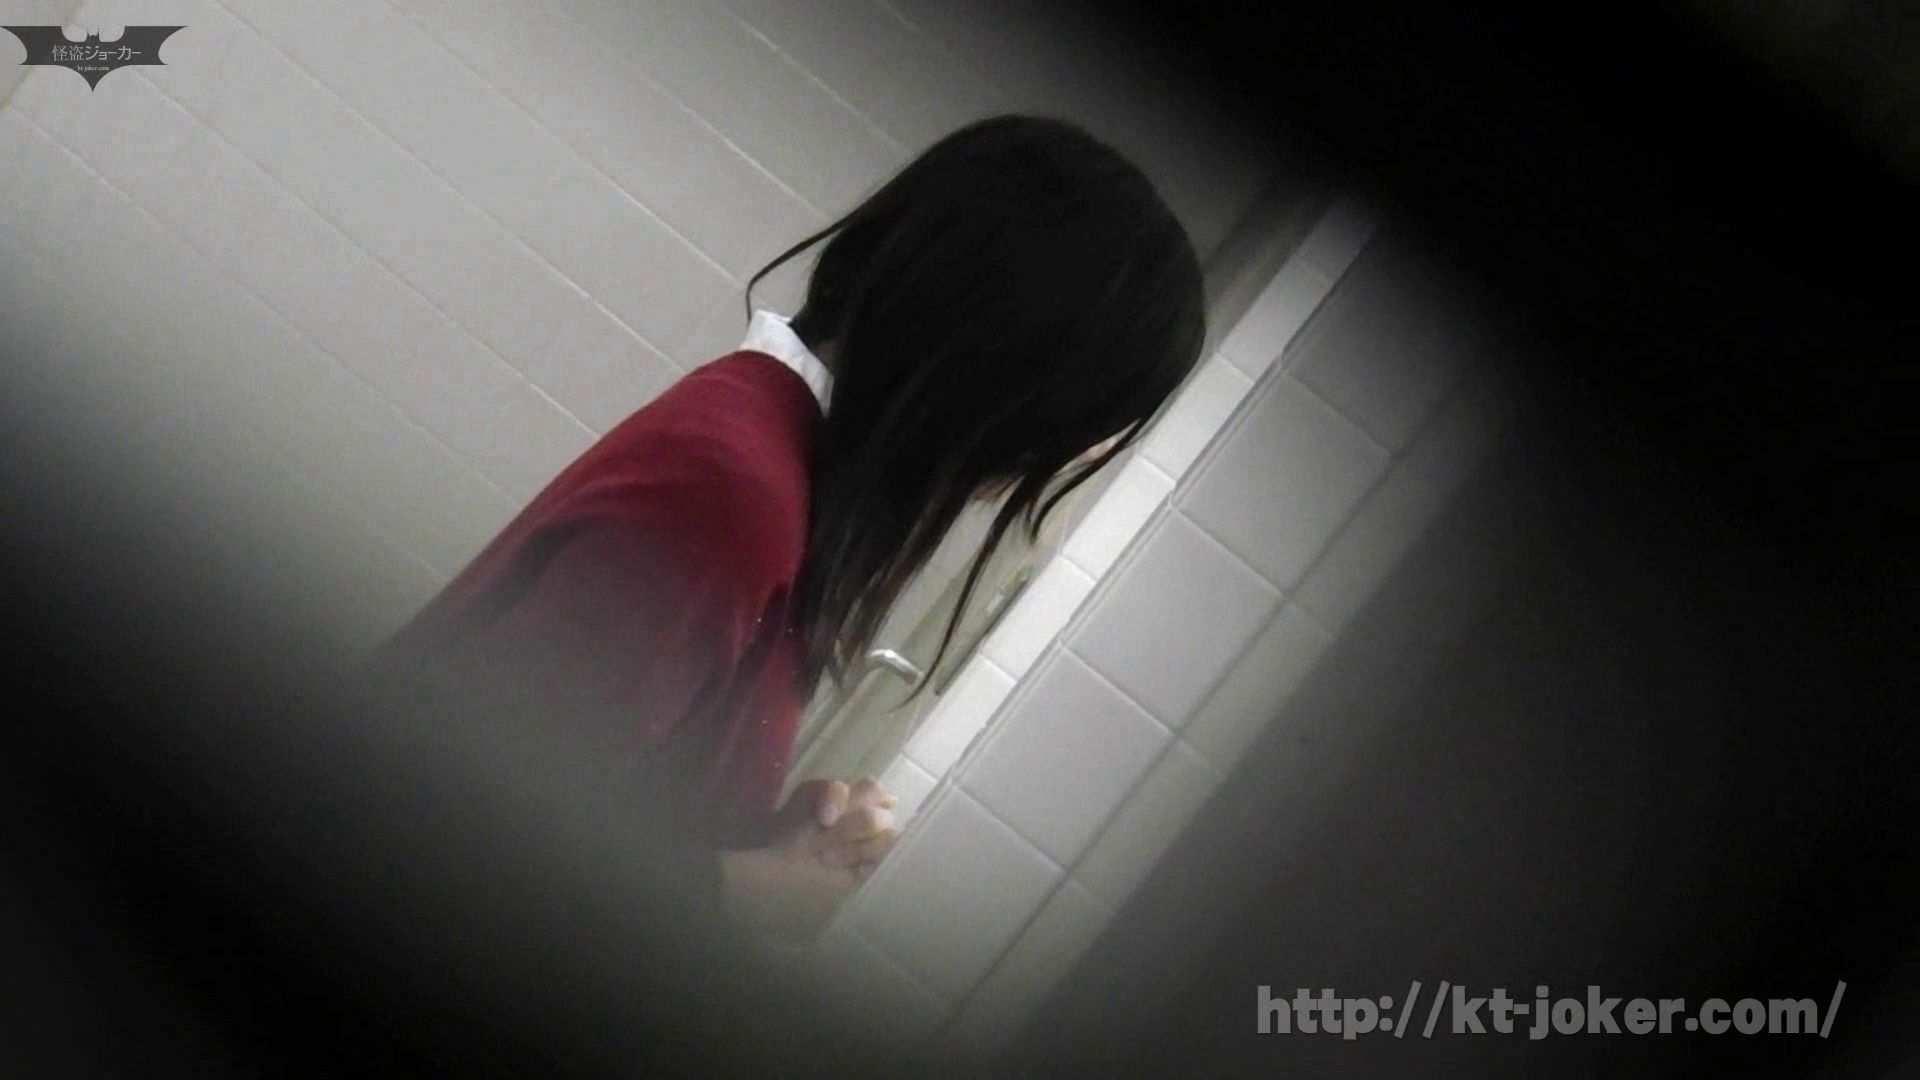 命がけ潜伏洗面所! vol.56 ピンチ!!「鏡の前で祈る女性」にばれる危機 洗面所突入   プライベート  105pic 10